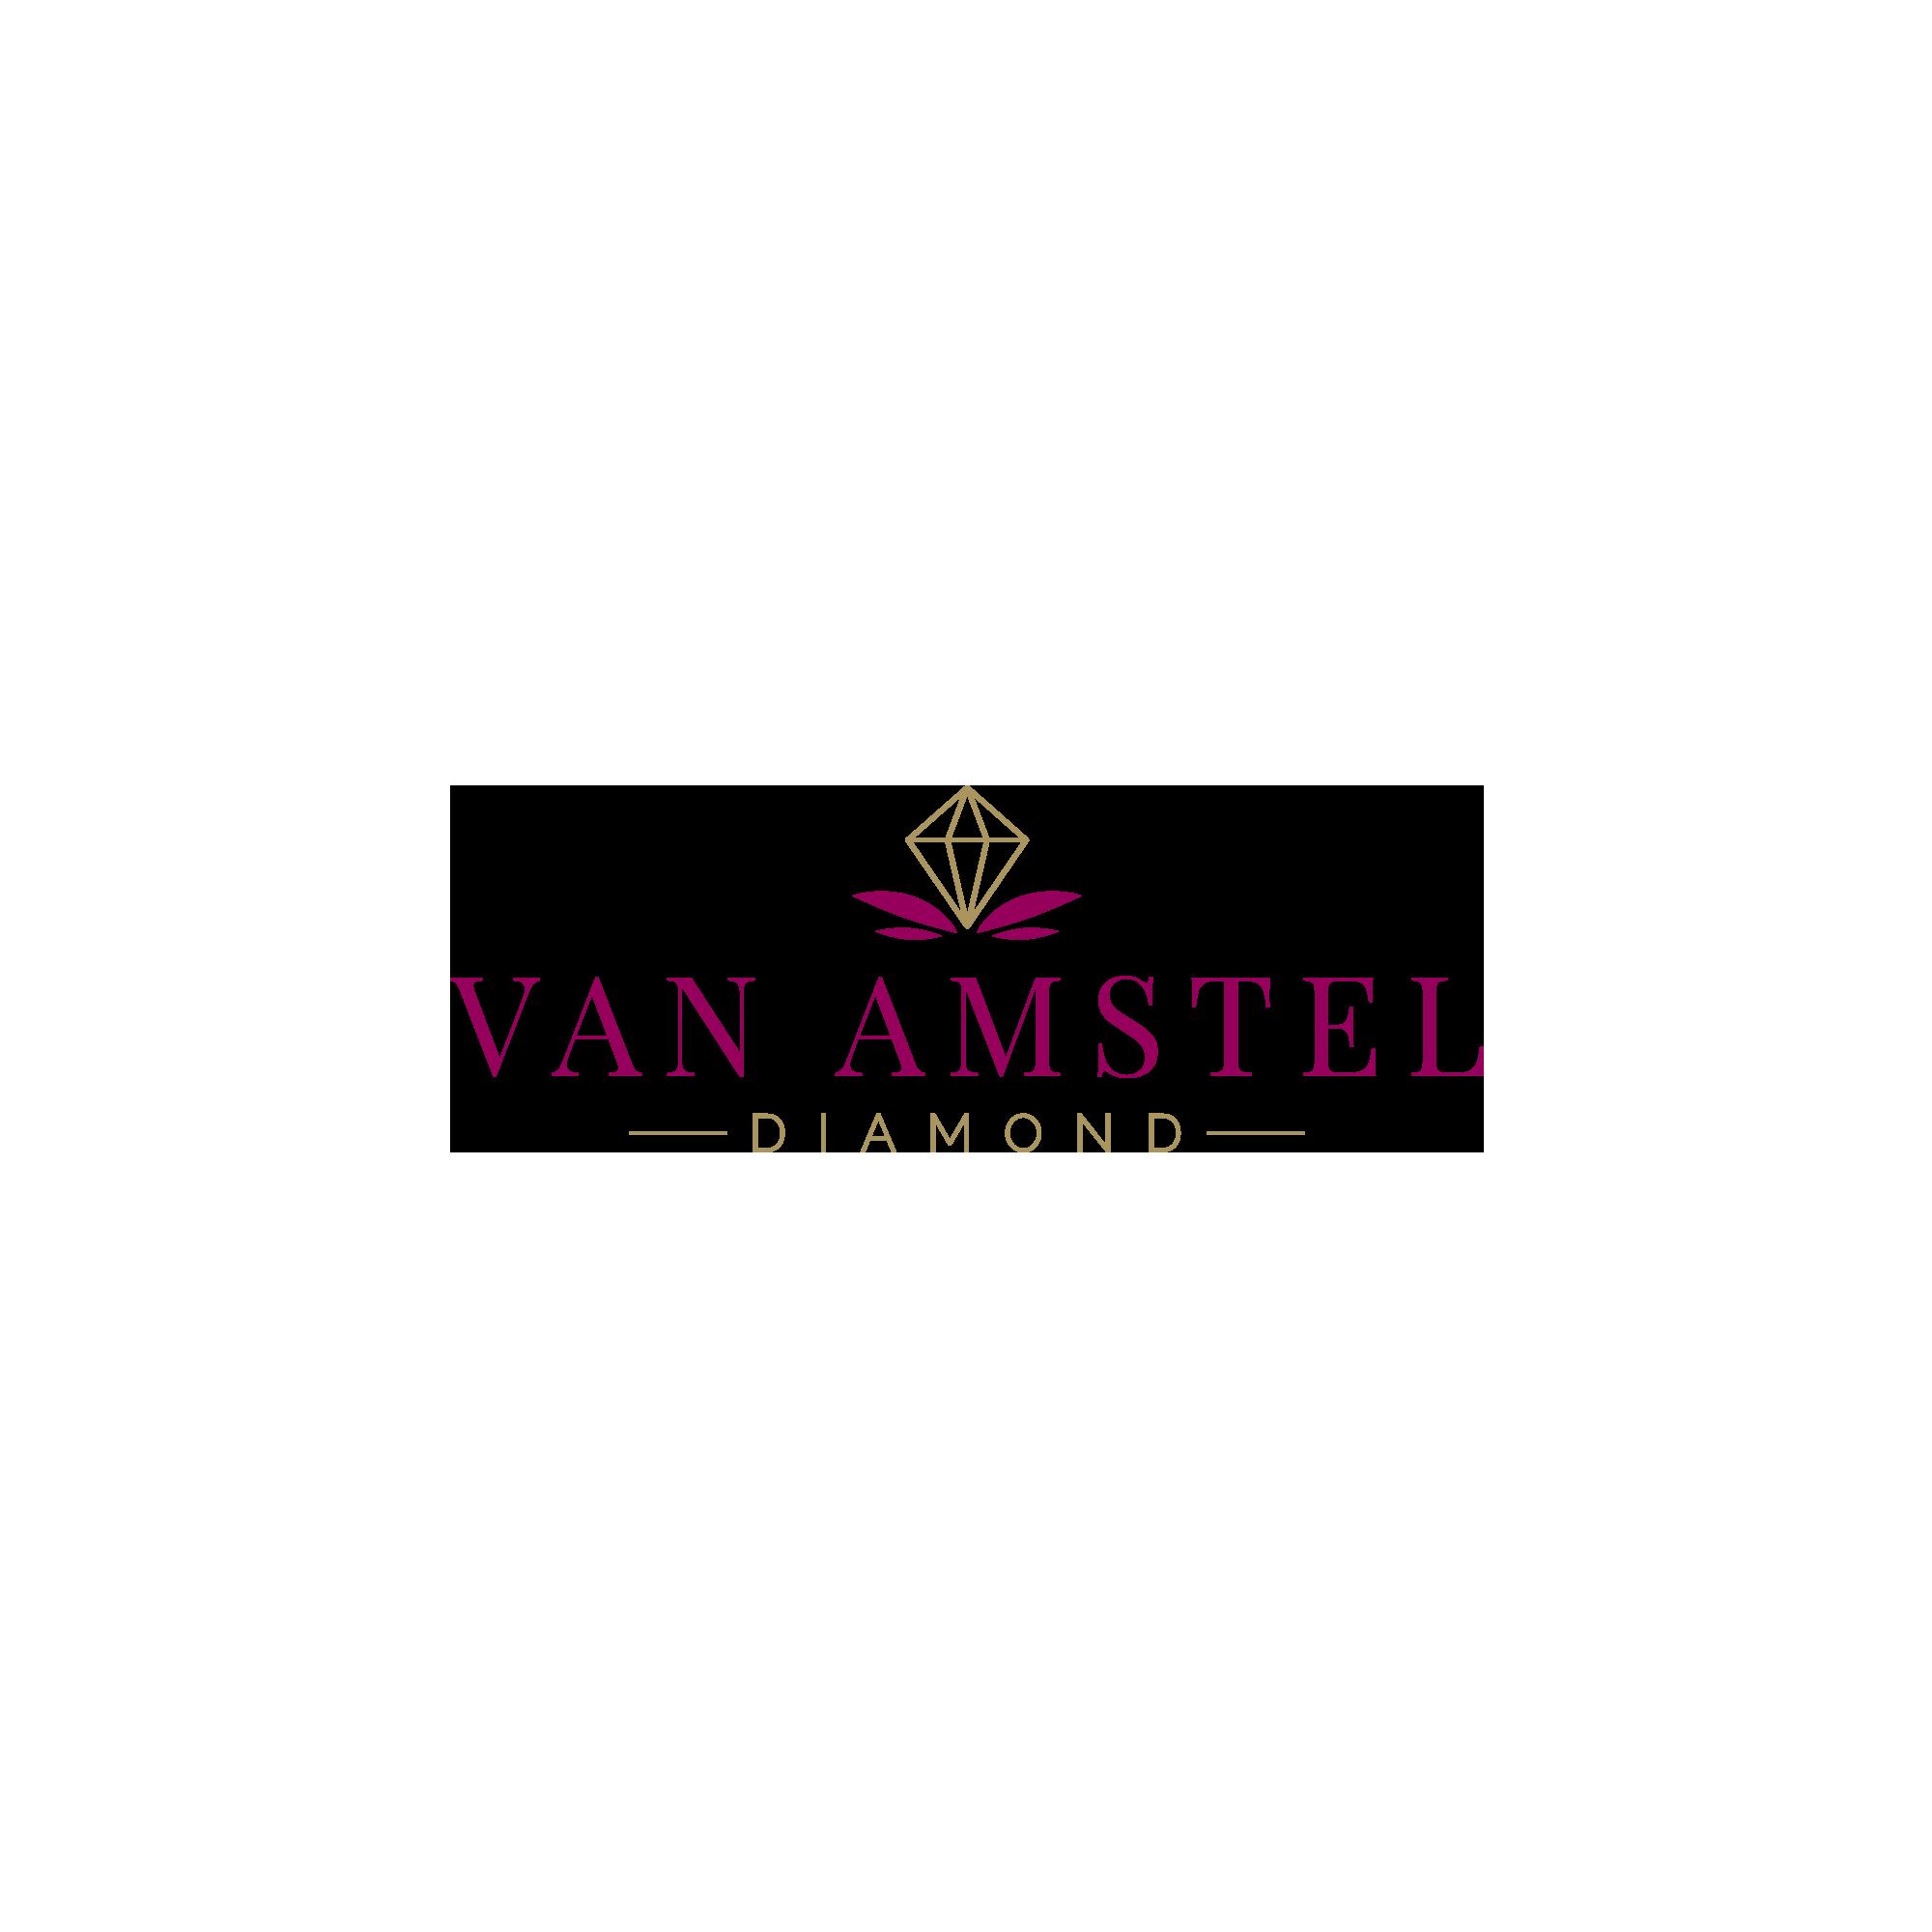 Van Amstel Clean Logo Design